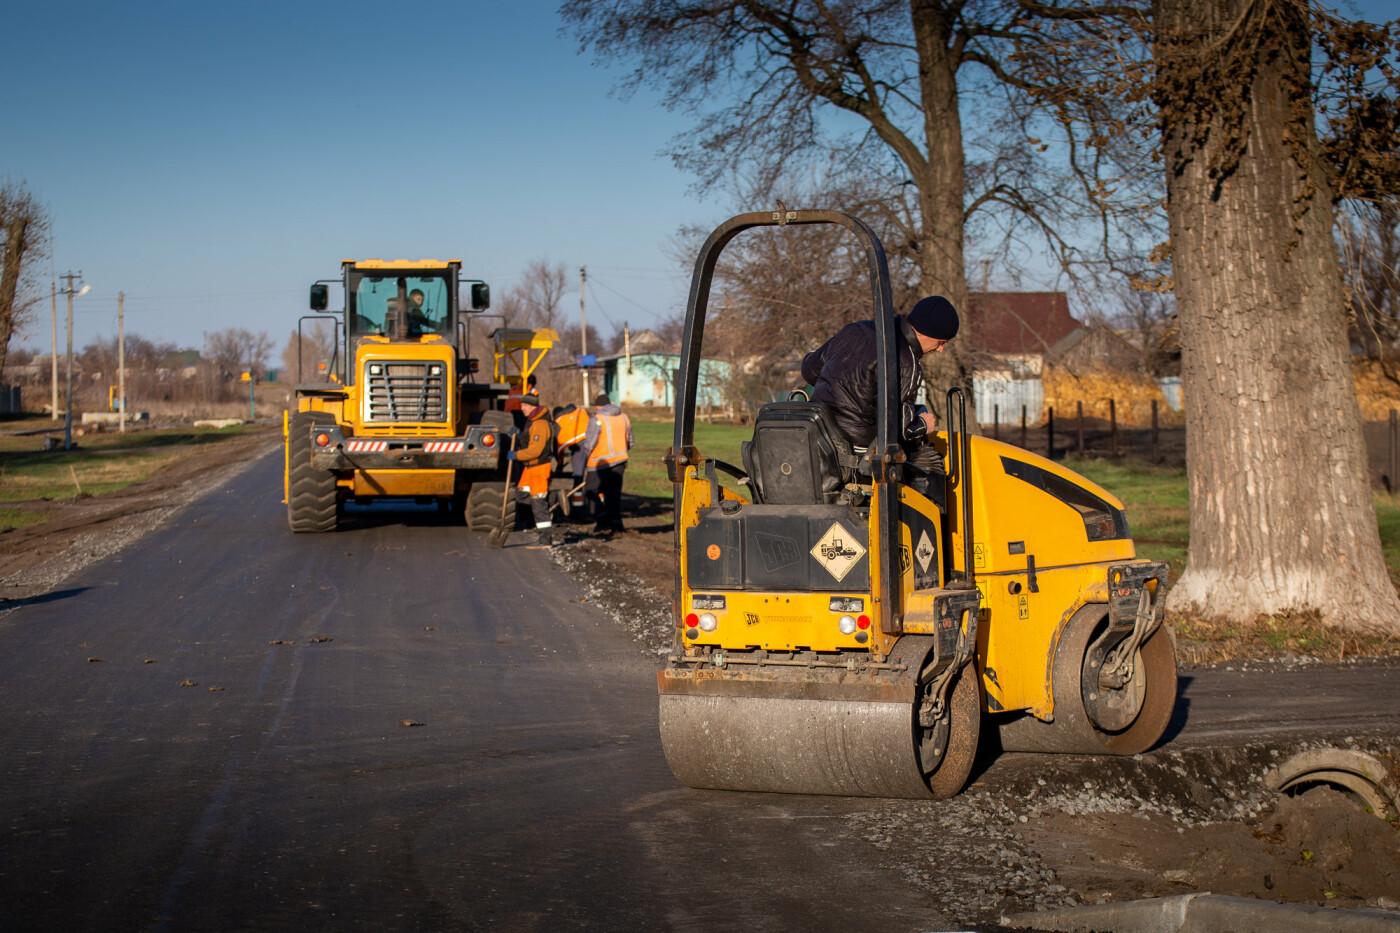 На Днепропетровщине продолжают ремонт дорог местного значения, - ФОТО, фото-4